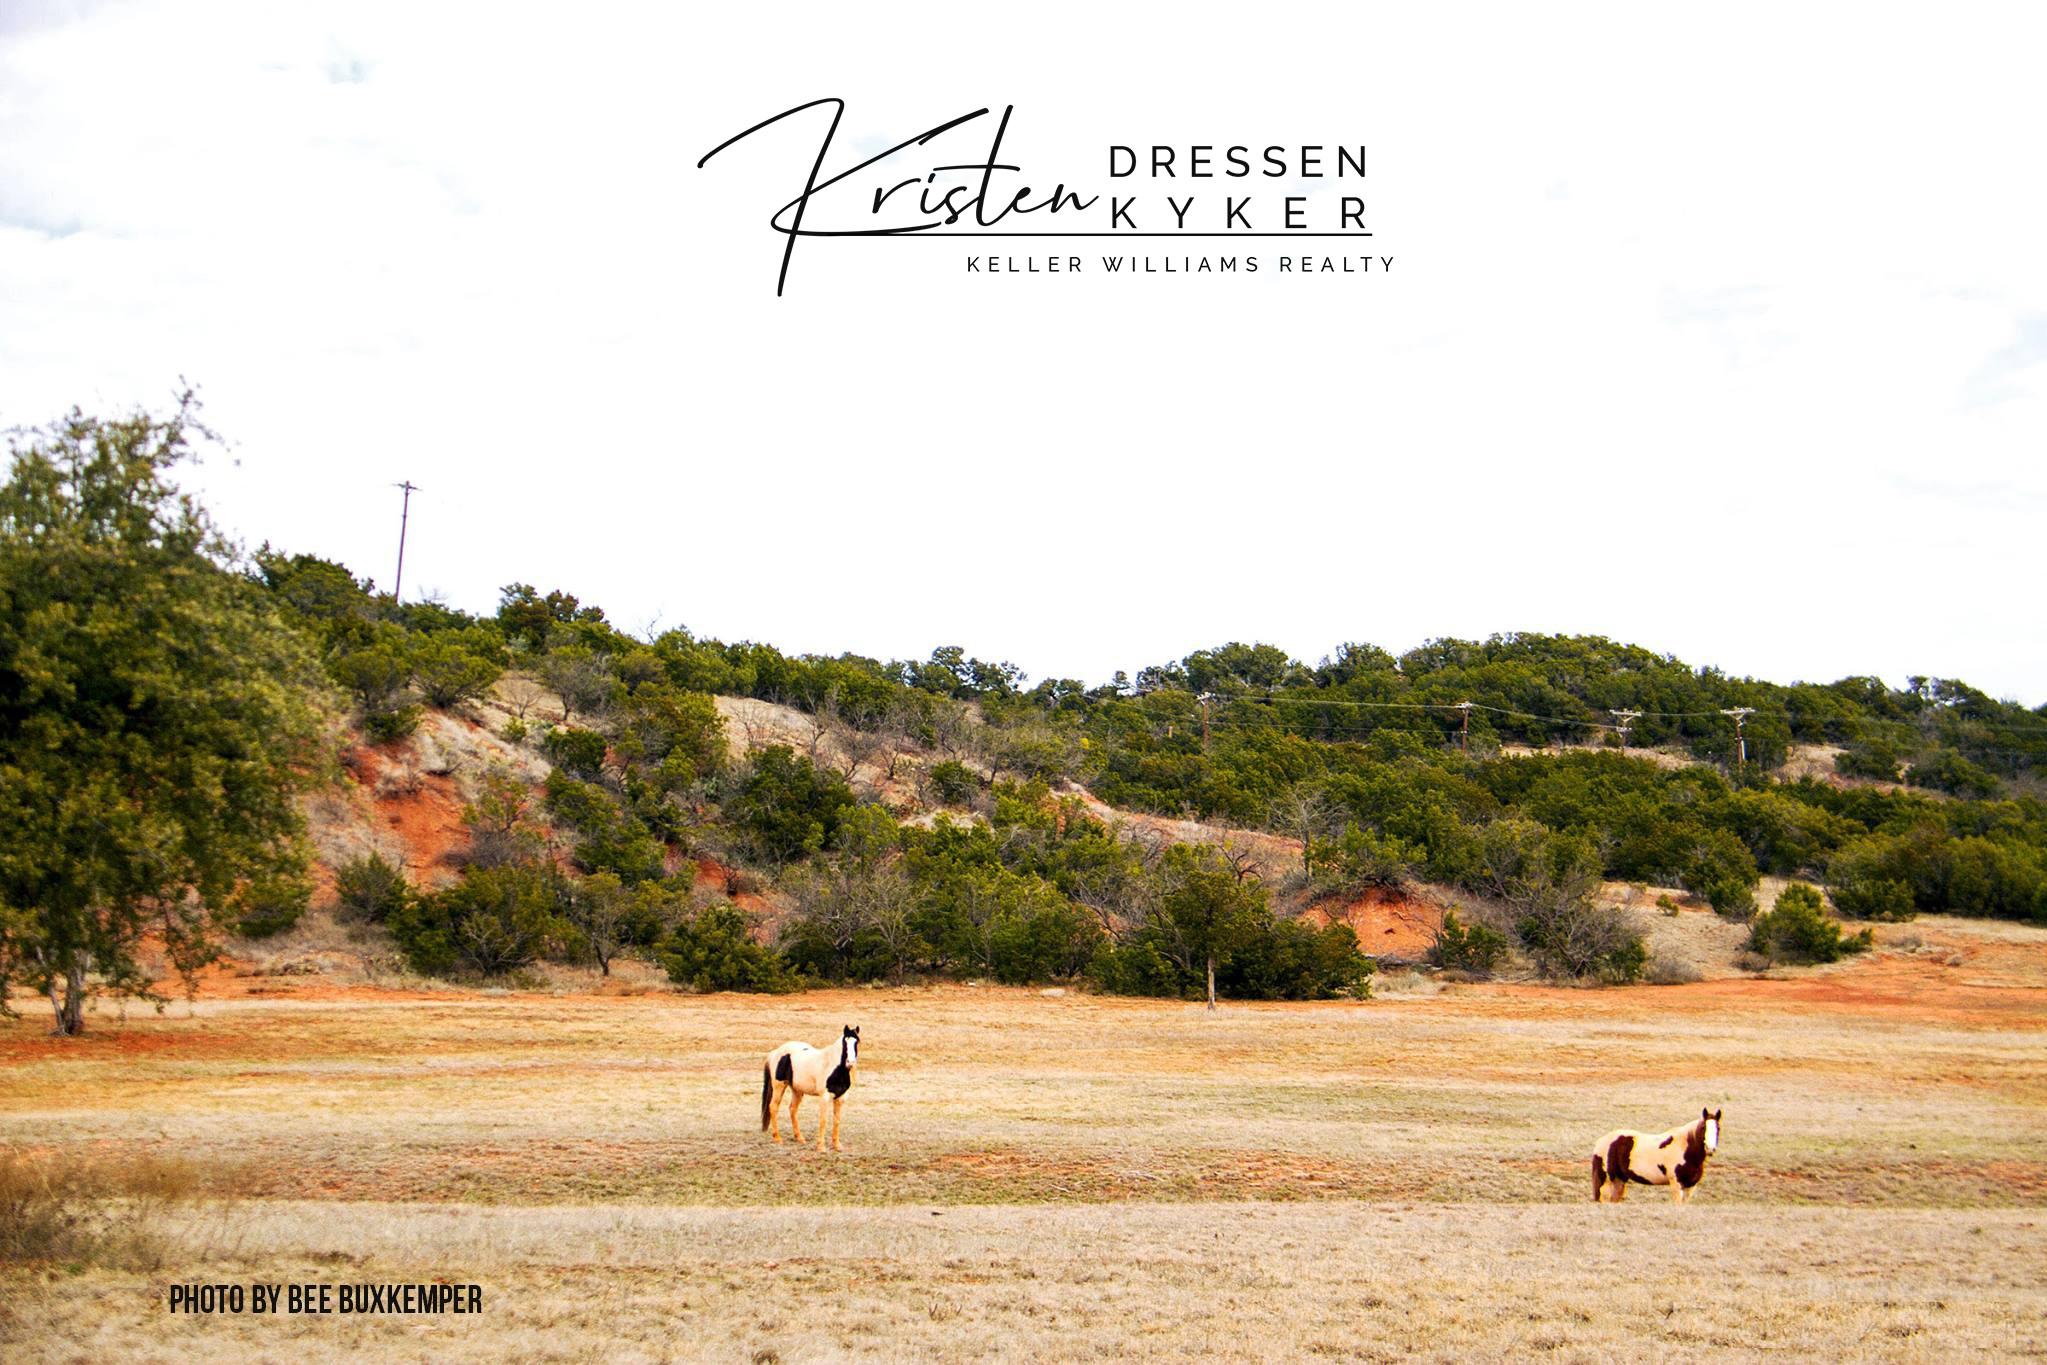 Kristen+Dressen+Kyker+Real+Estate+Abilene+Taylor+County